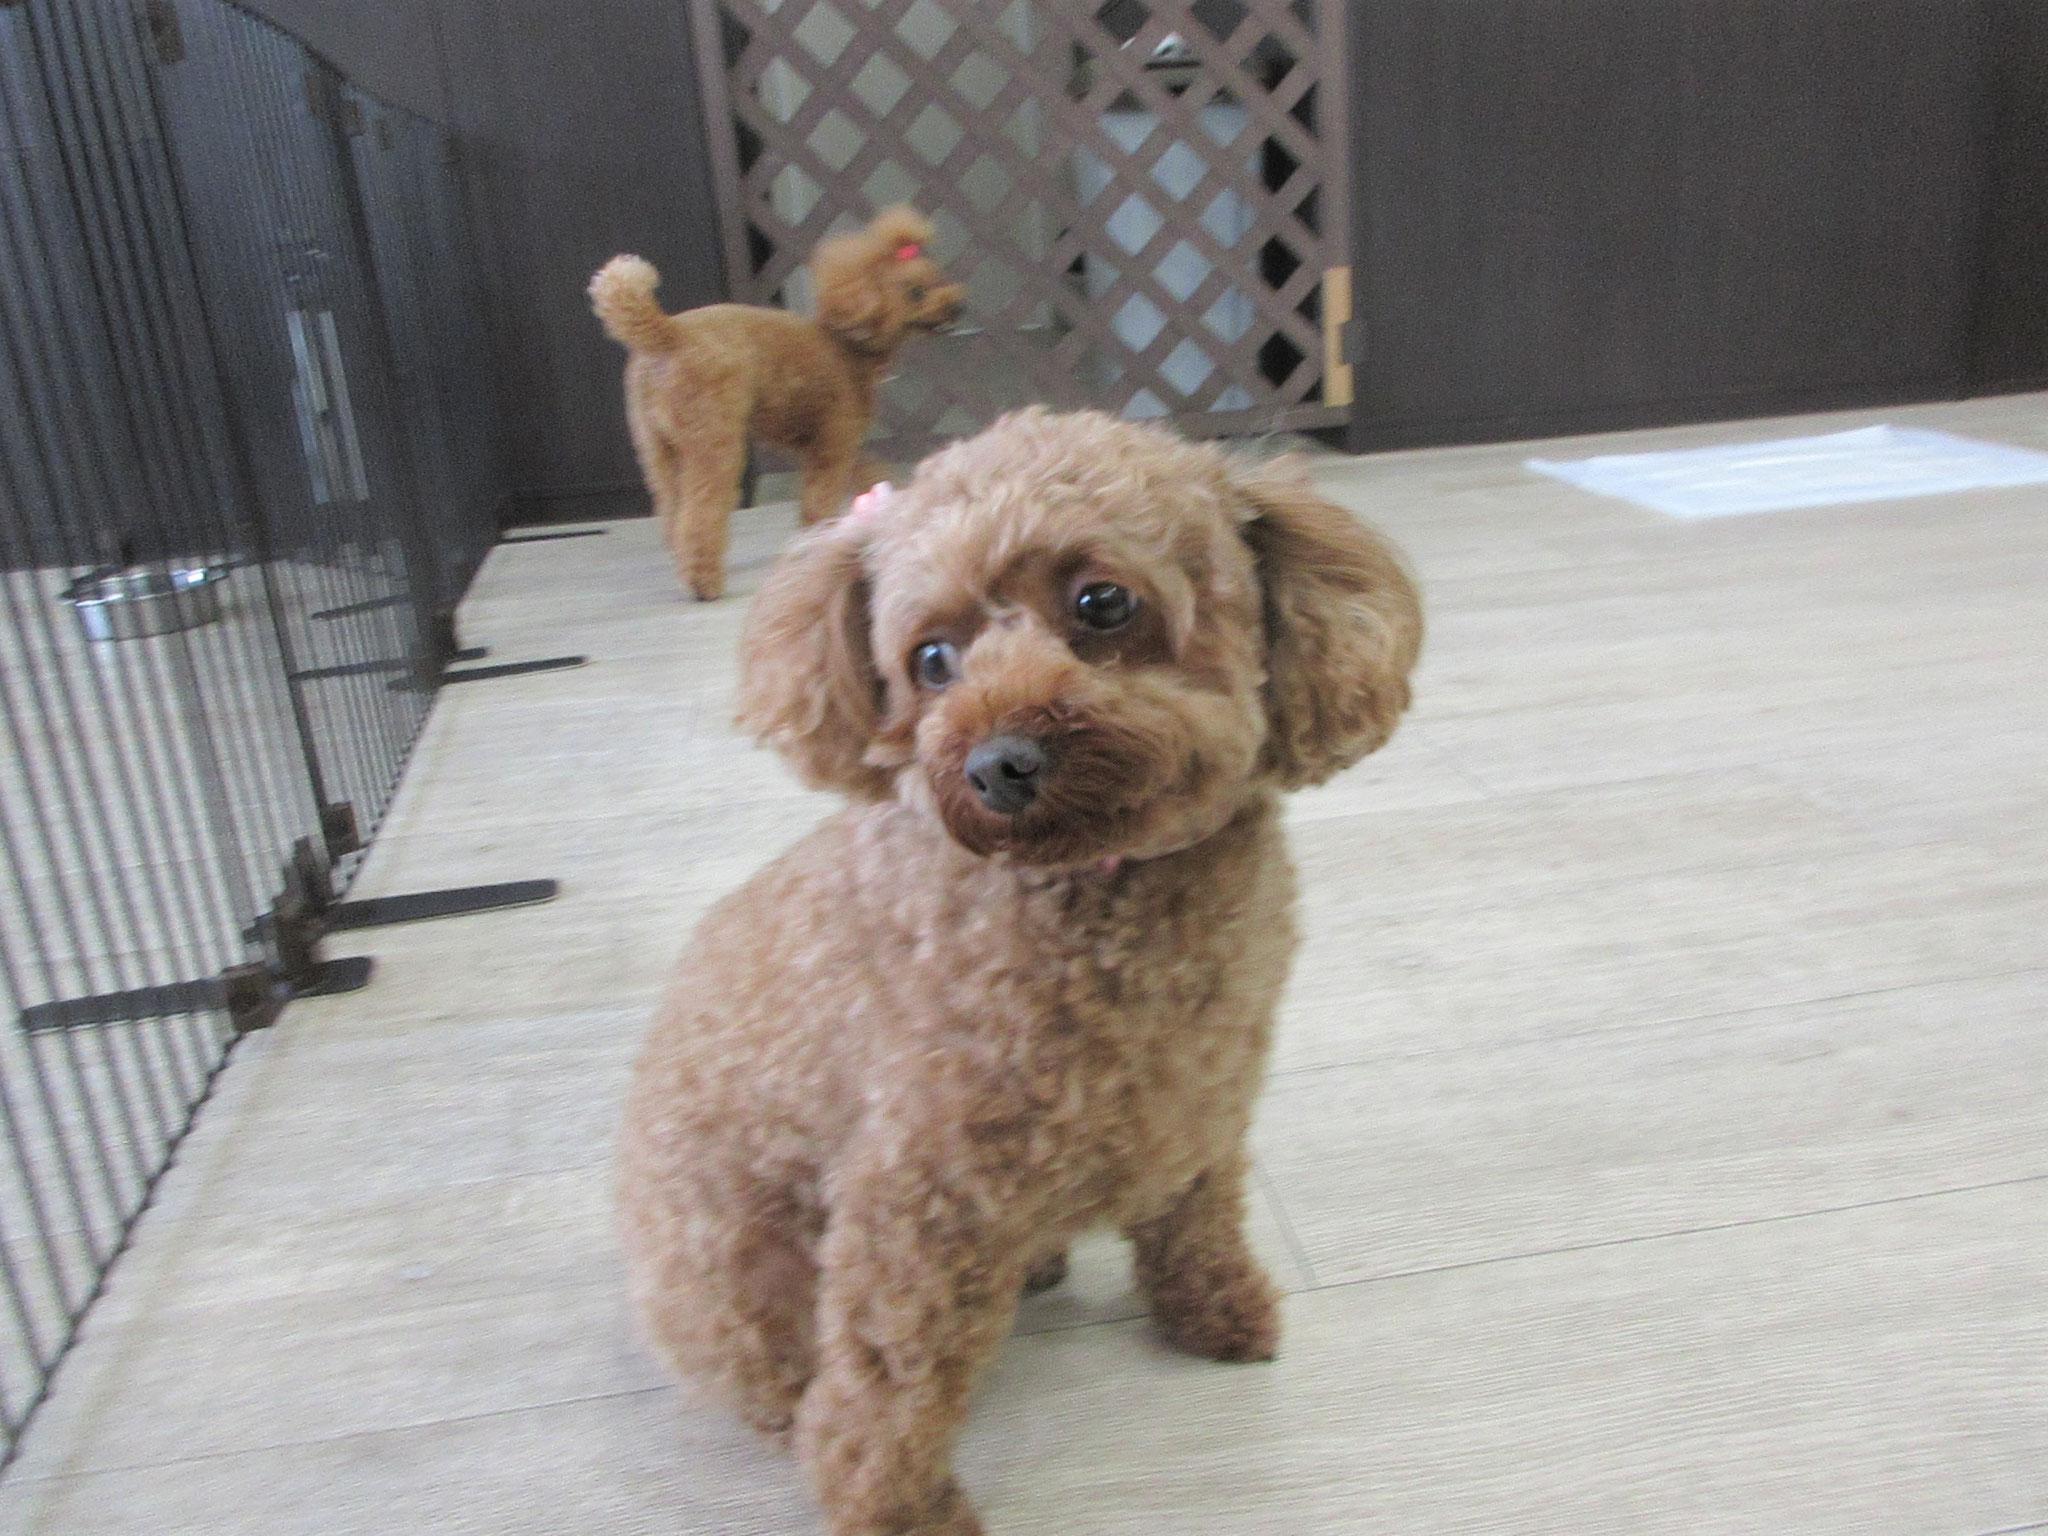 モモちゃん・犬の保育園Baby・犬・犬のしつけ・犬の社会化・習志野市・八千代市・船橋